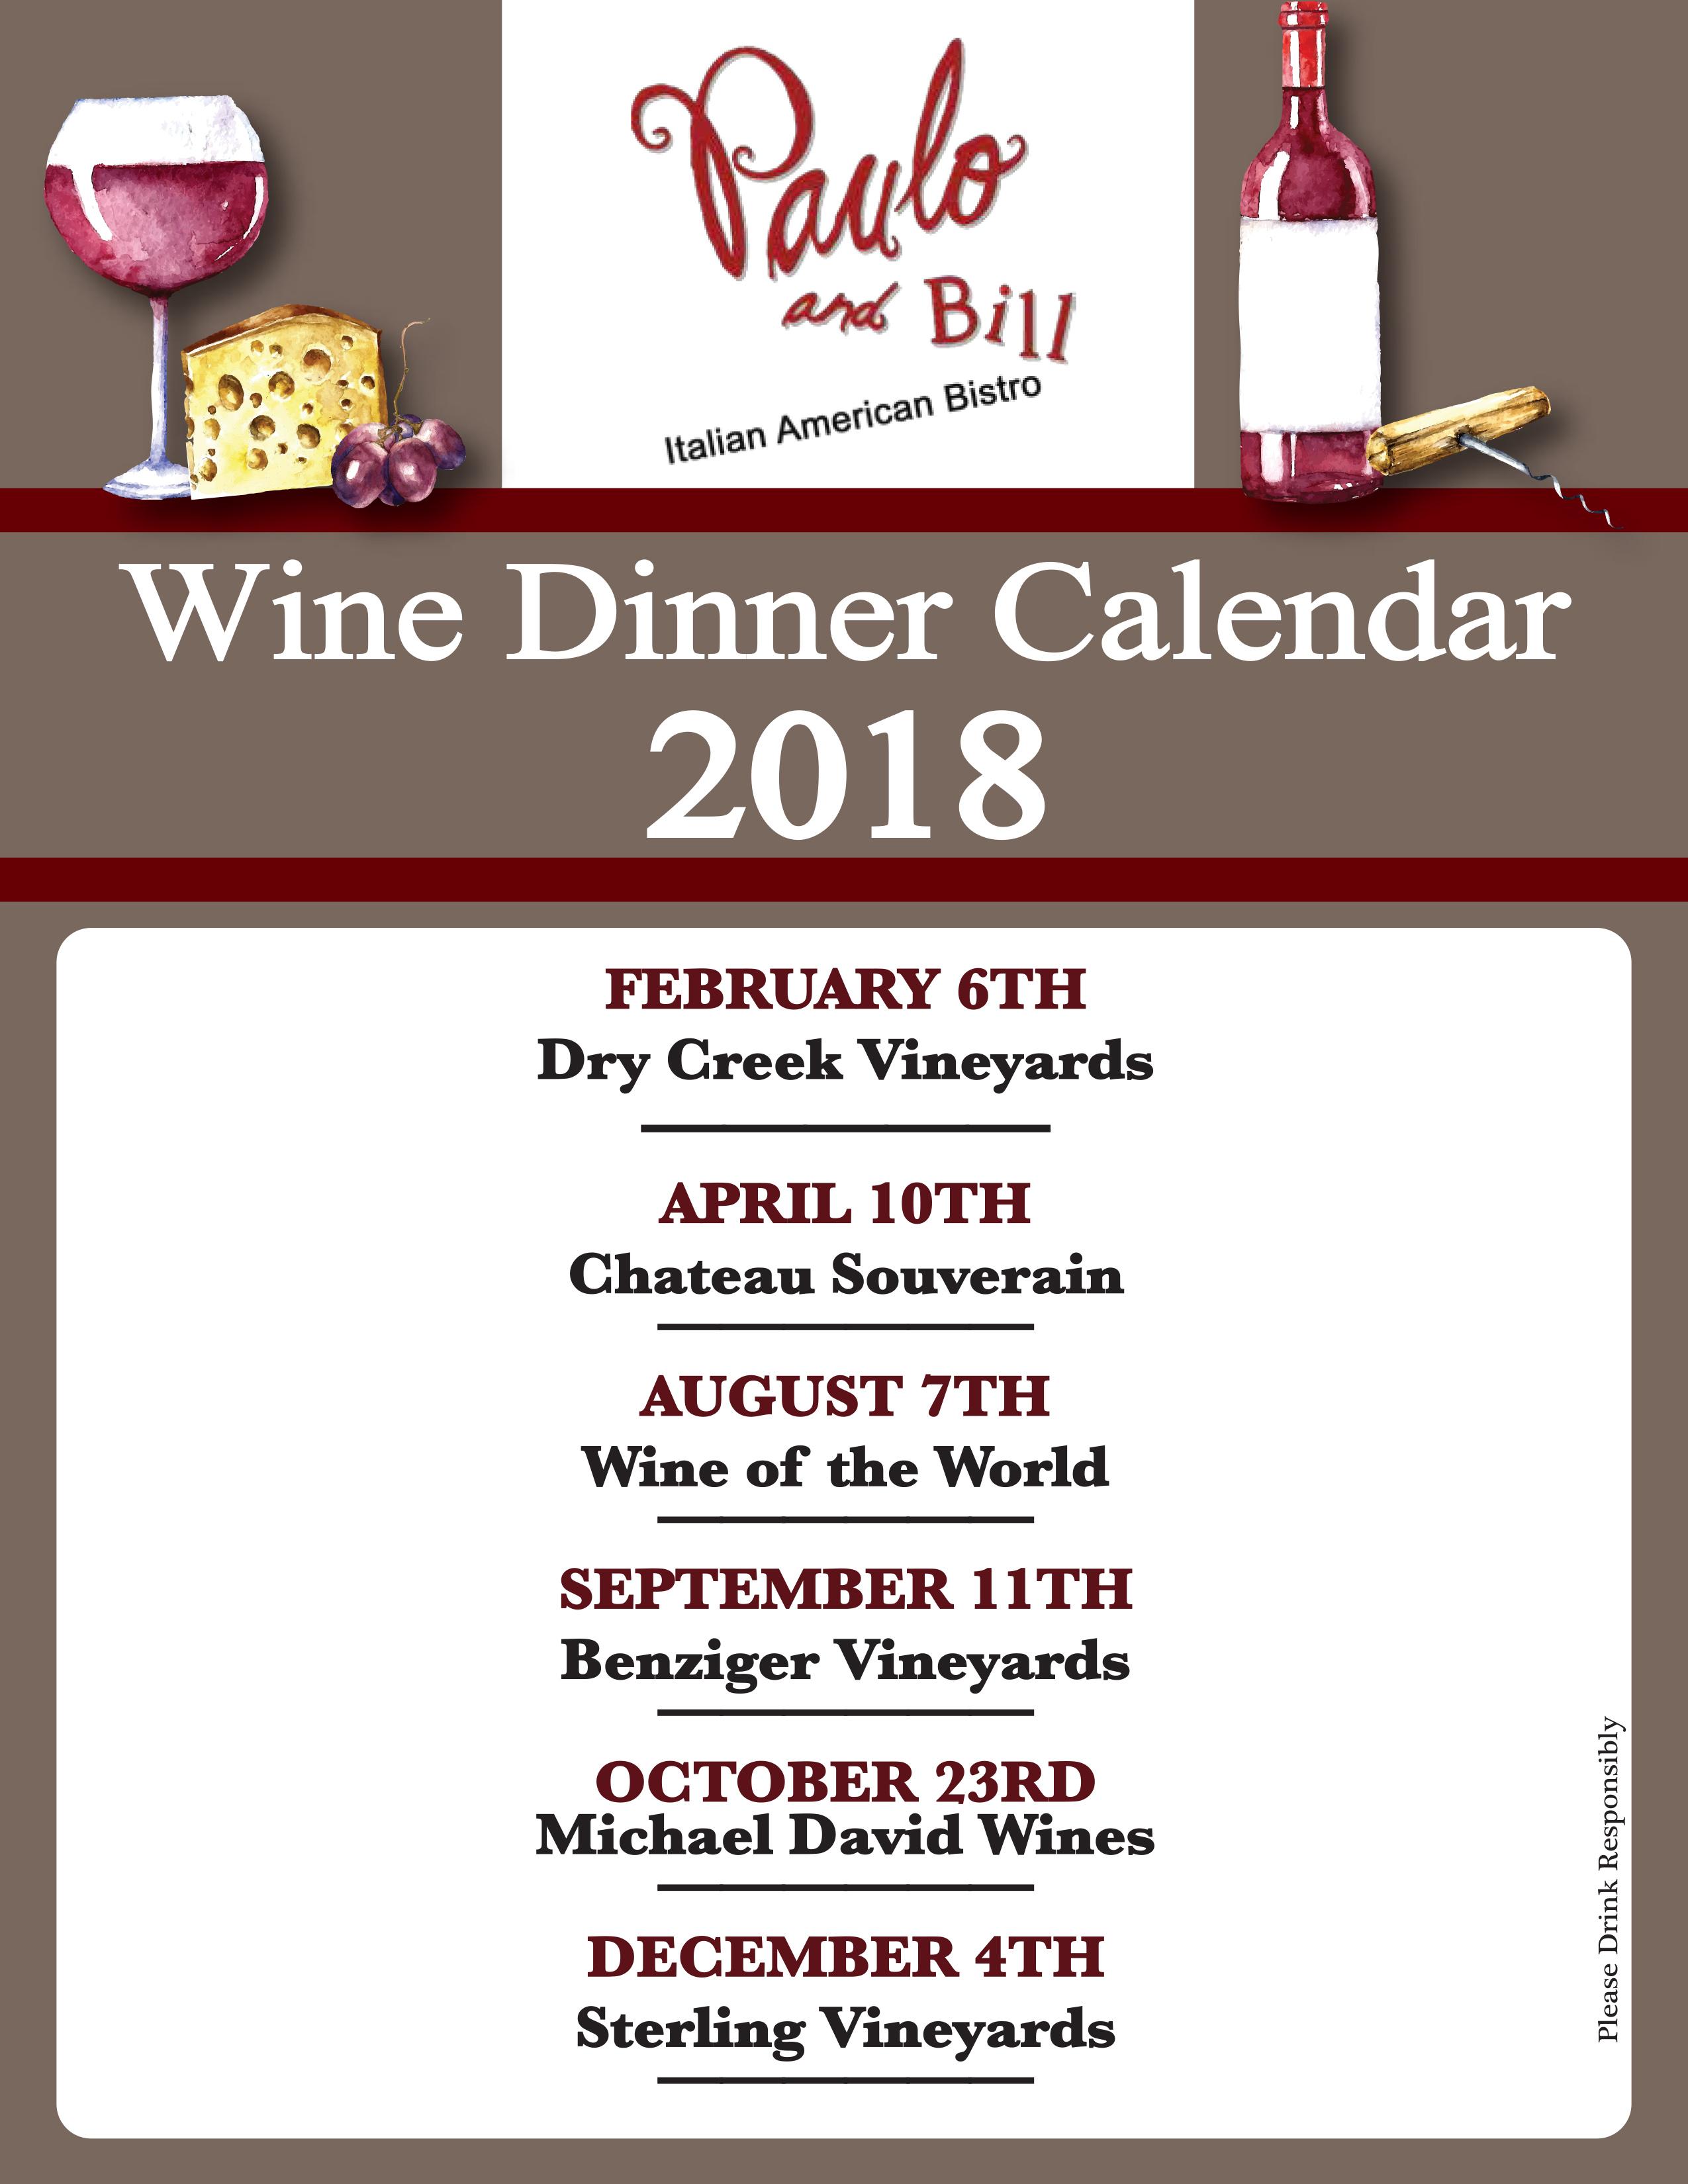 2018 Wine Dinner Schedule